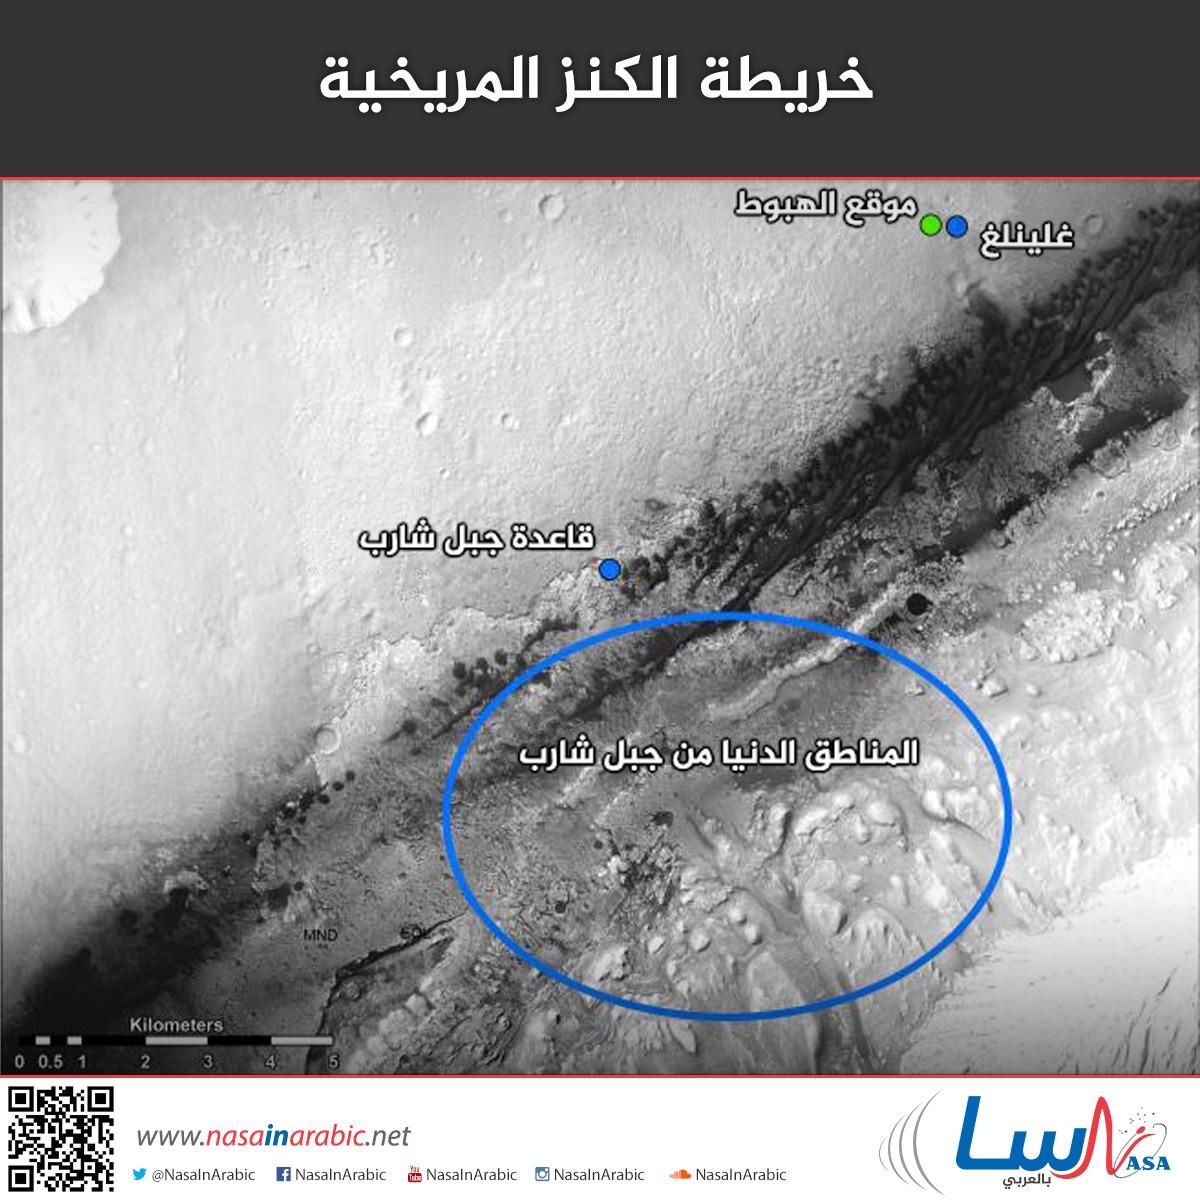 خريطة الكنز المريخية